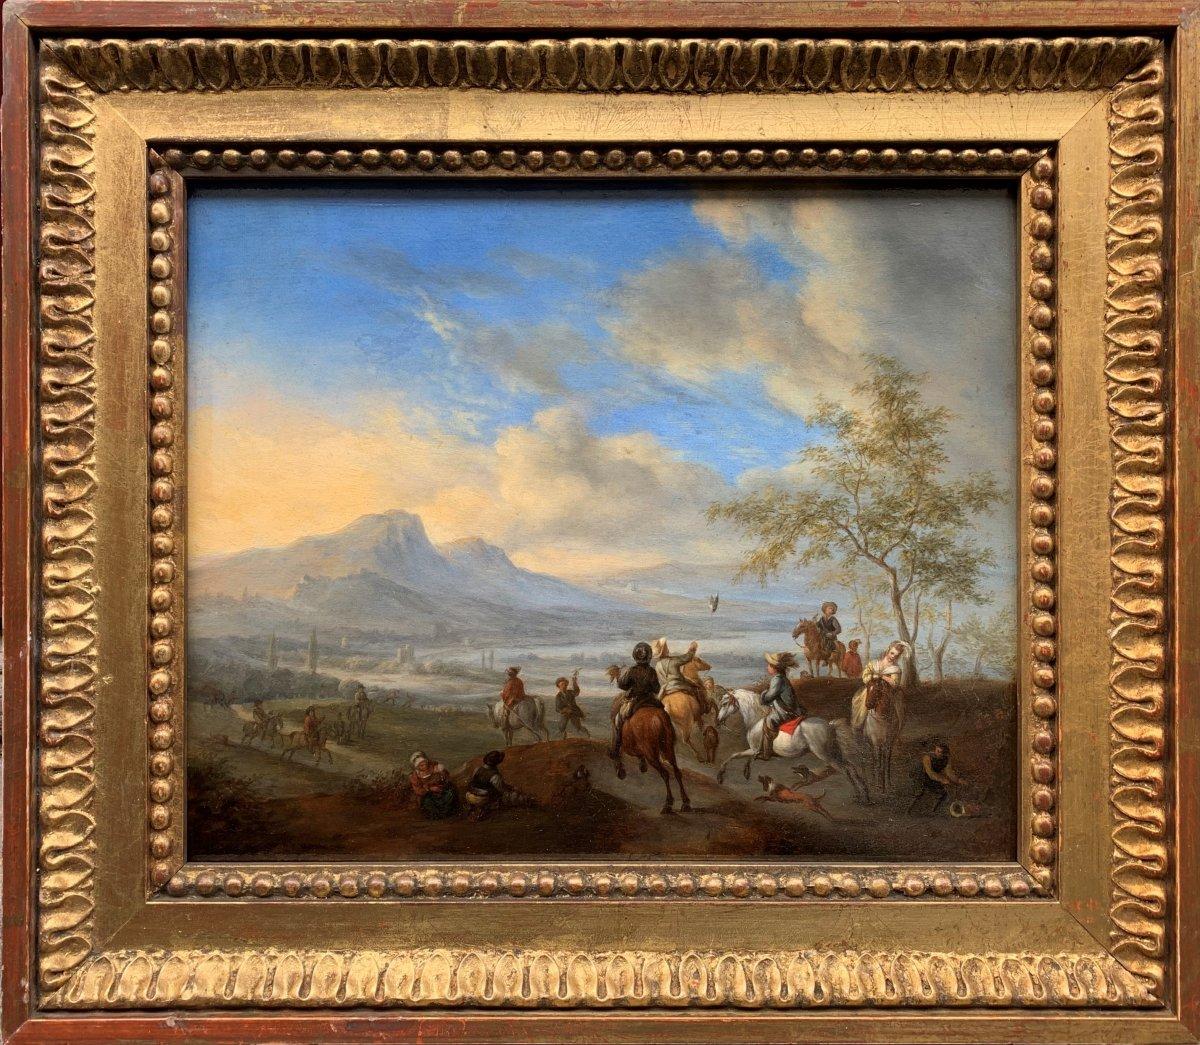 Scène de Chasse au Faucon dans un paysage animé Ecole Hollandaise XVIIe Siècle